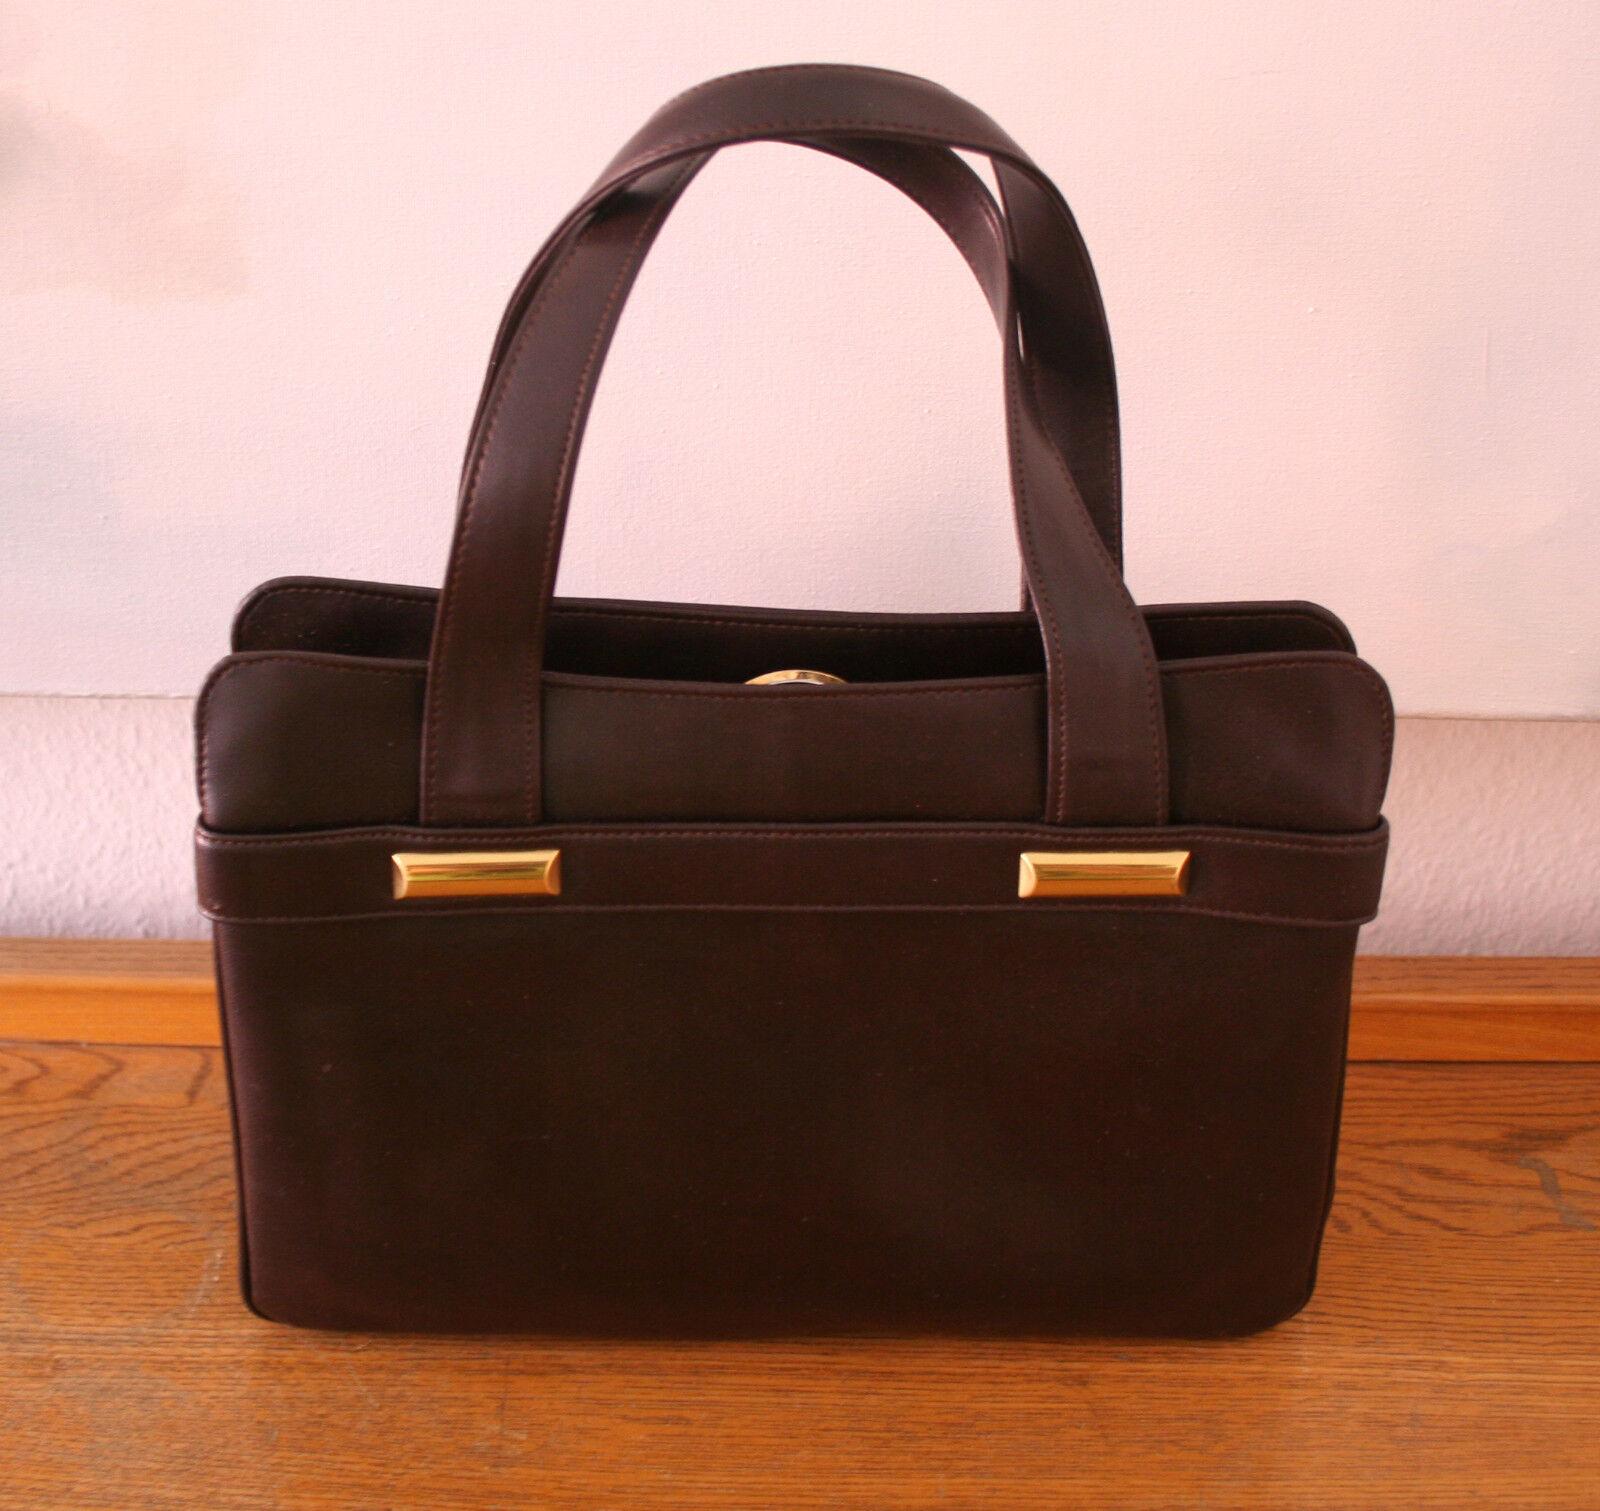 Goldpfeil Tasche, edle Handtasche, Original Original Original 60er   70er Jahre, Vintage | Billig ideal  | Zu einem erschwinglichen Preis  | Angenehmes Gefühl  2992bf